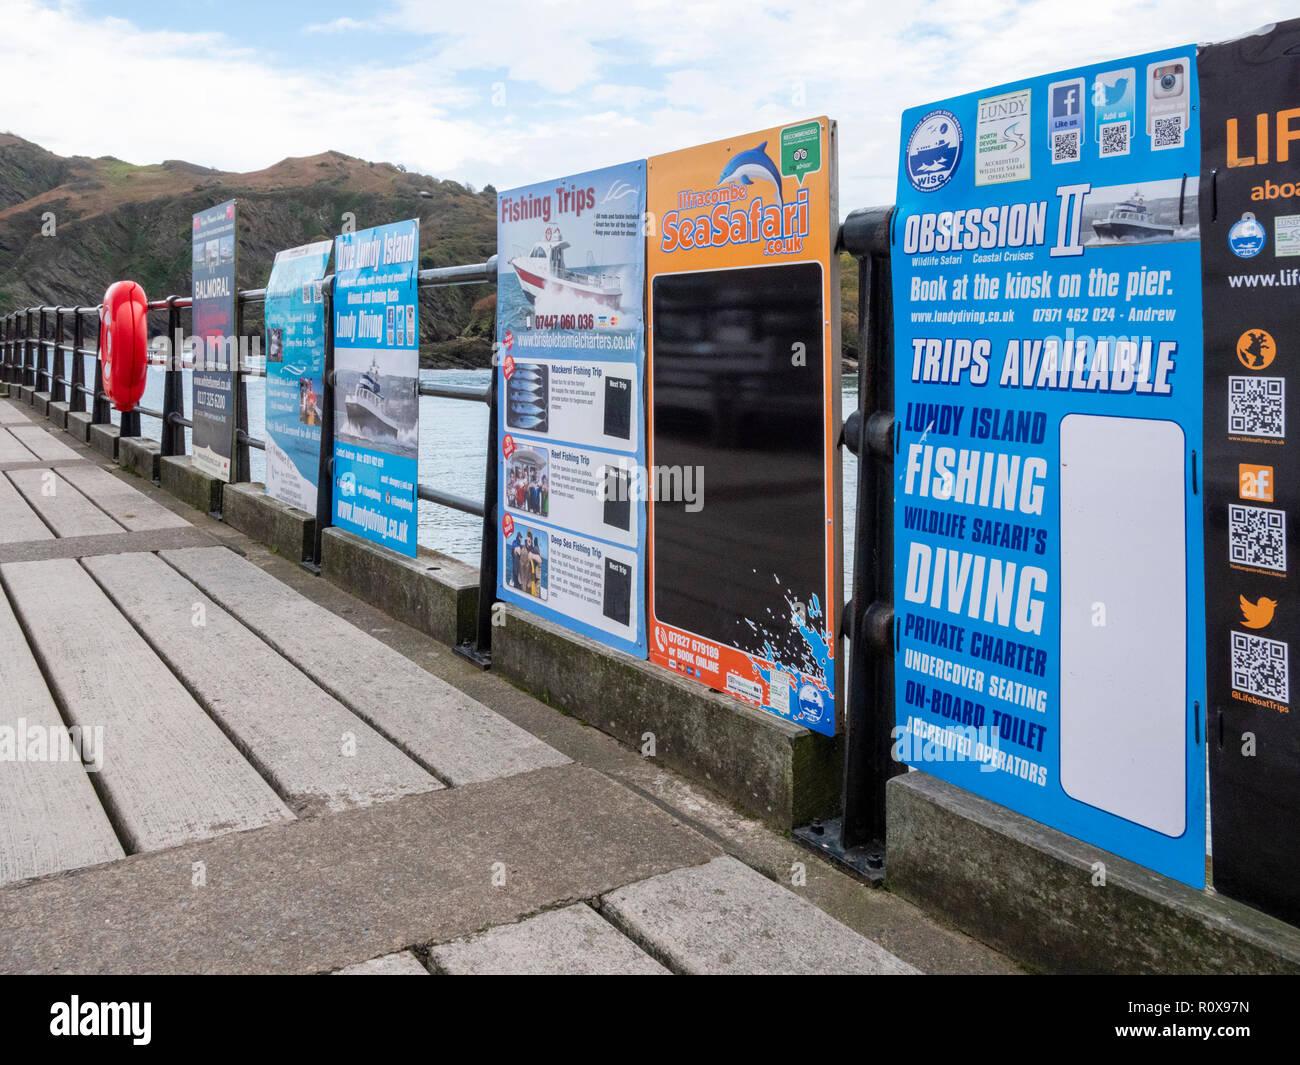 Los viajes de turismo y viaje en barco carteles publicitarios en Ilfracombe Harbour Devon UK en húmedo fuera de temporada o día de otoño Imagen De Stock